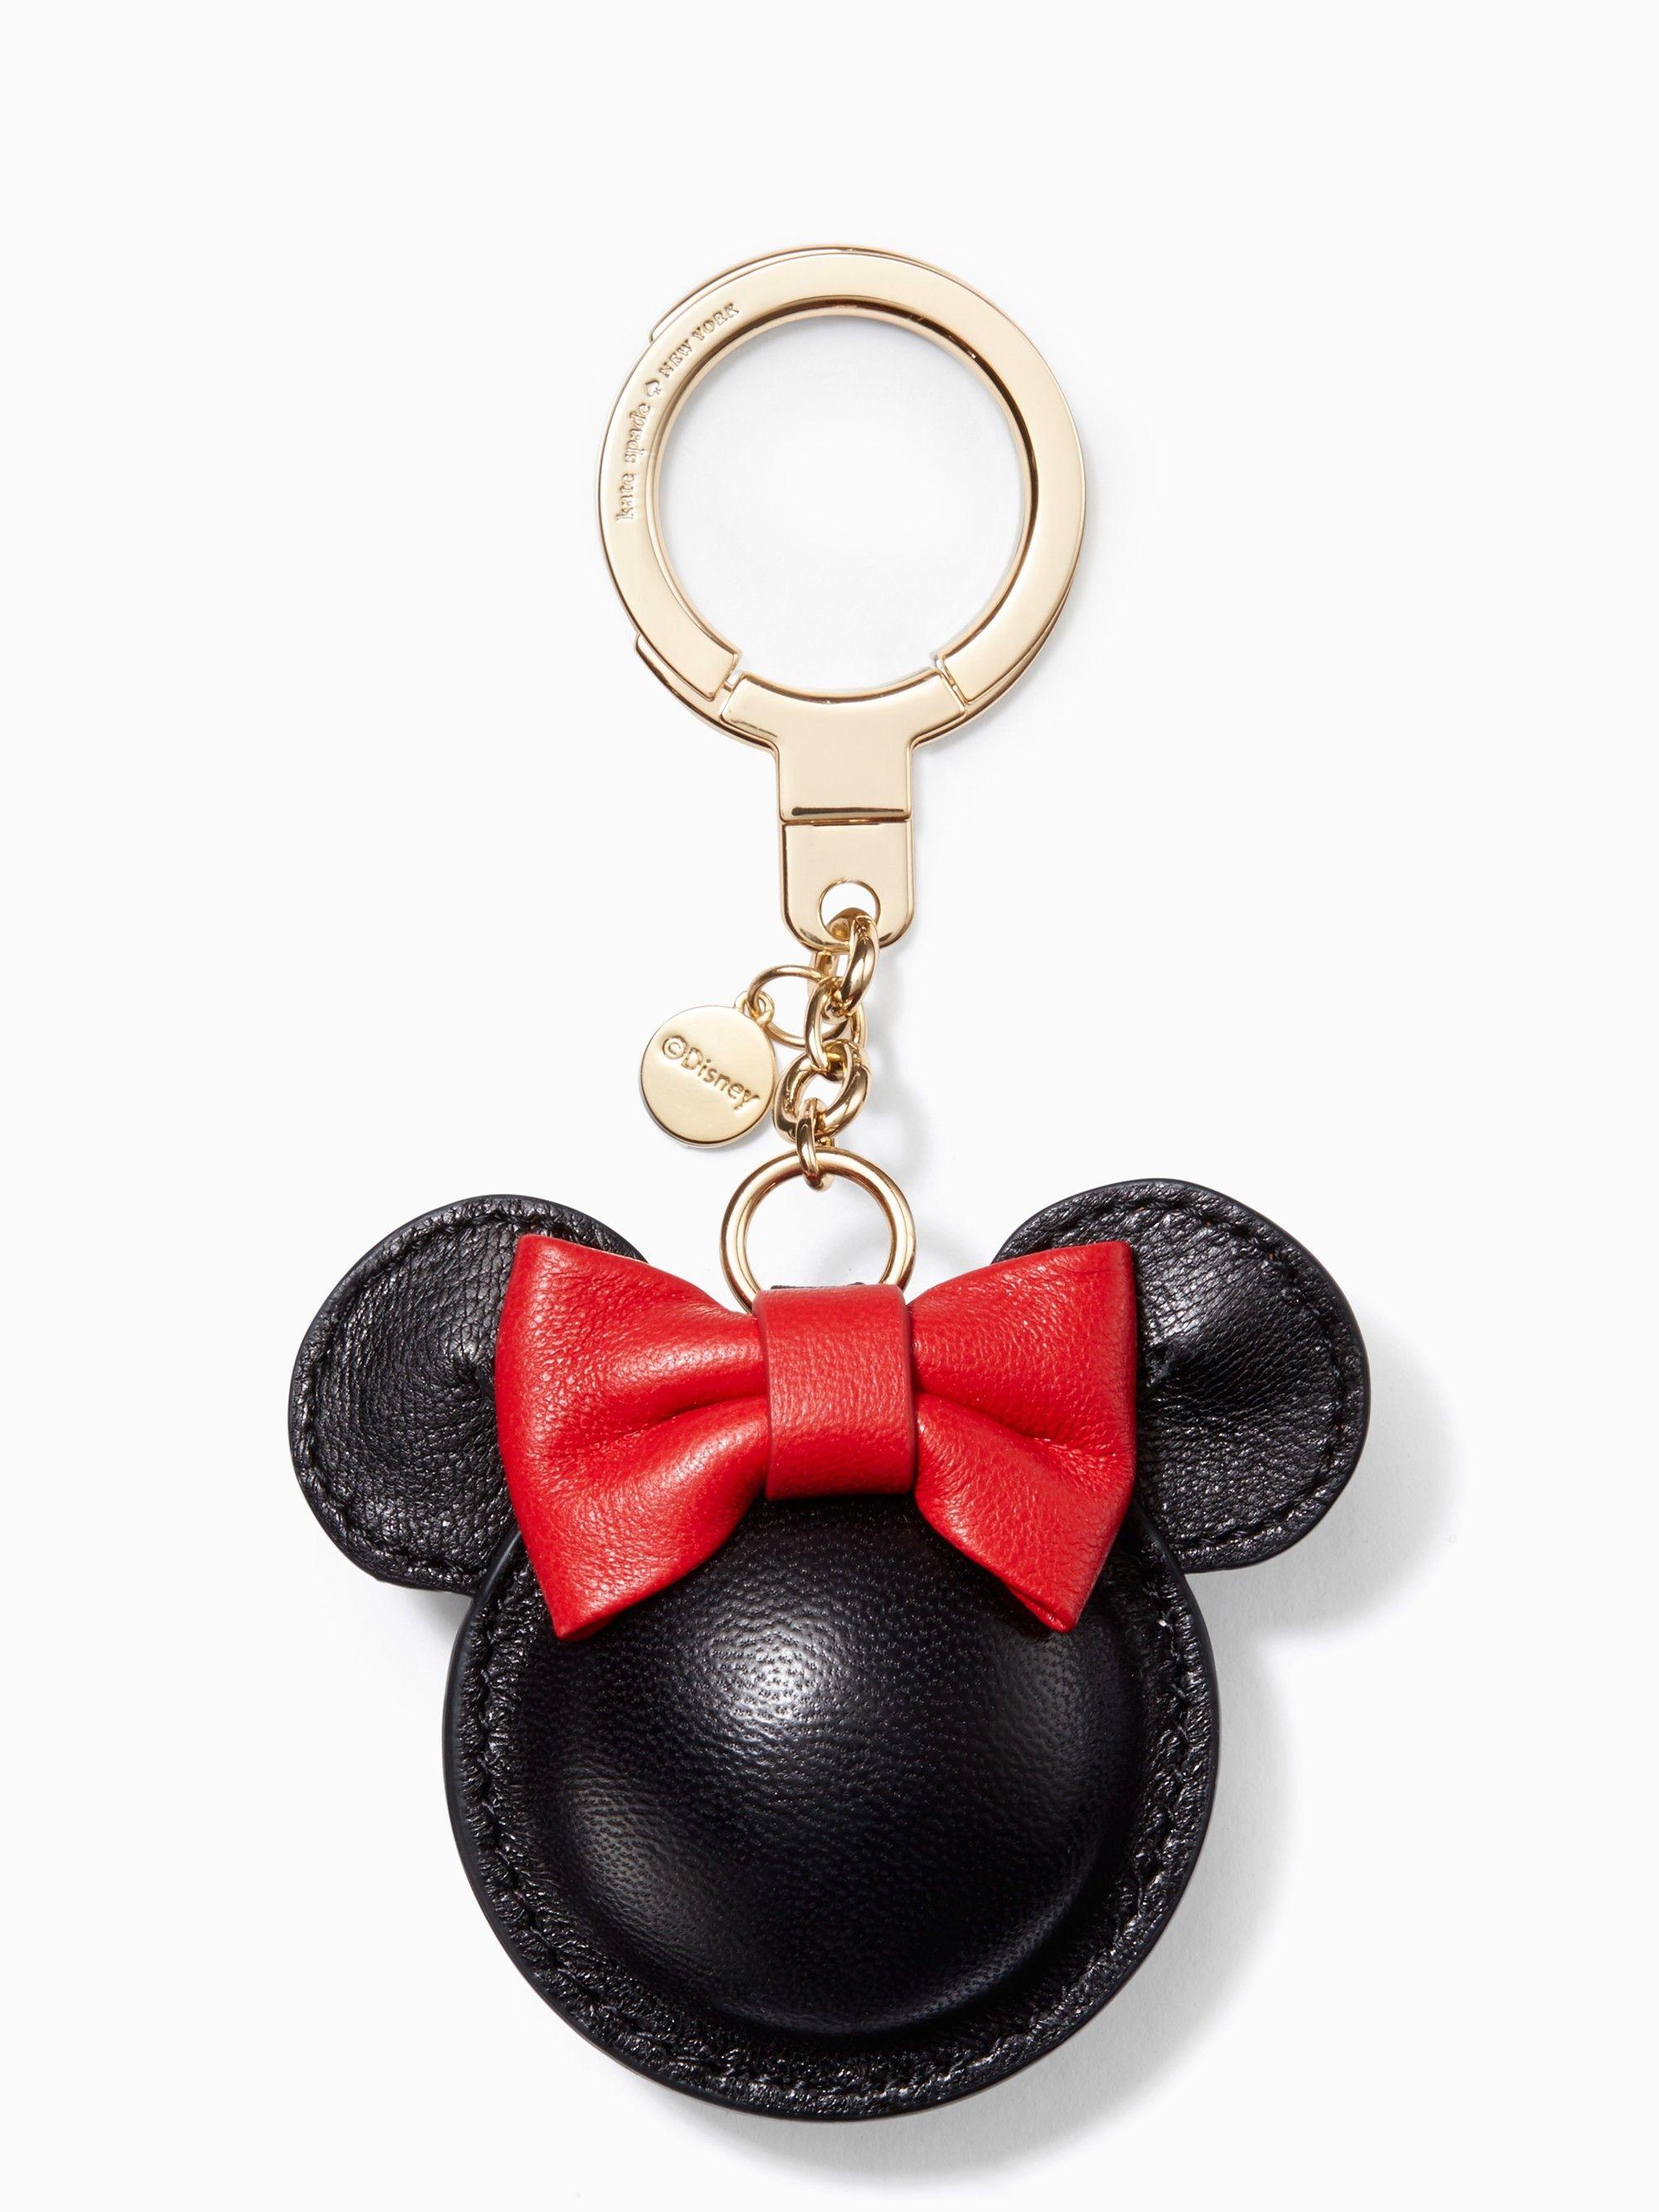 KATE SPADE kate spade new york for minnie mouse minnie keychain.  katespade    46a6151fa